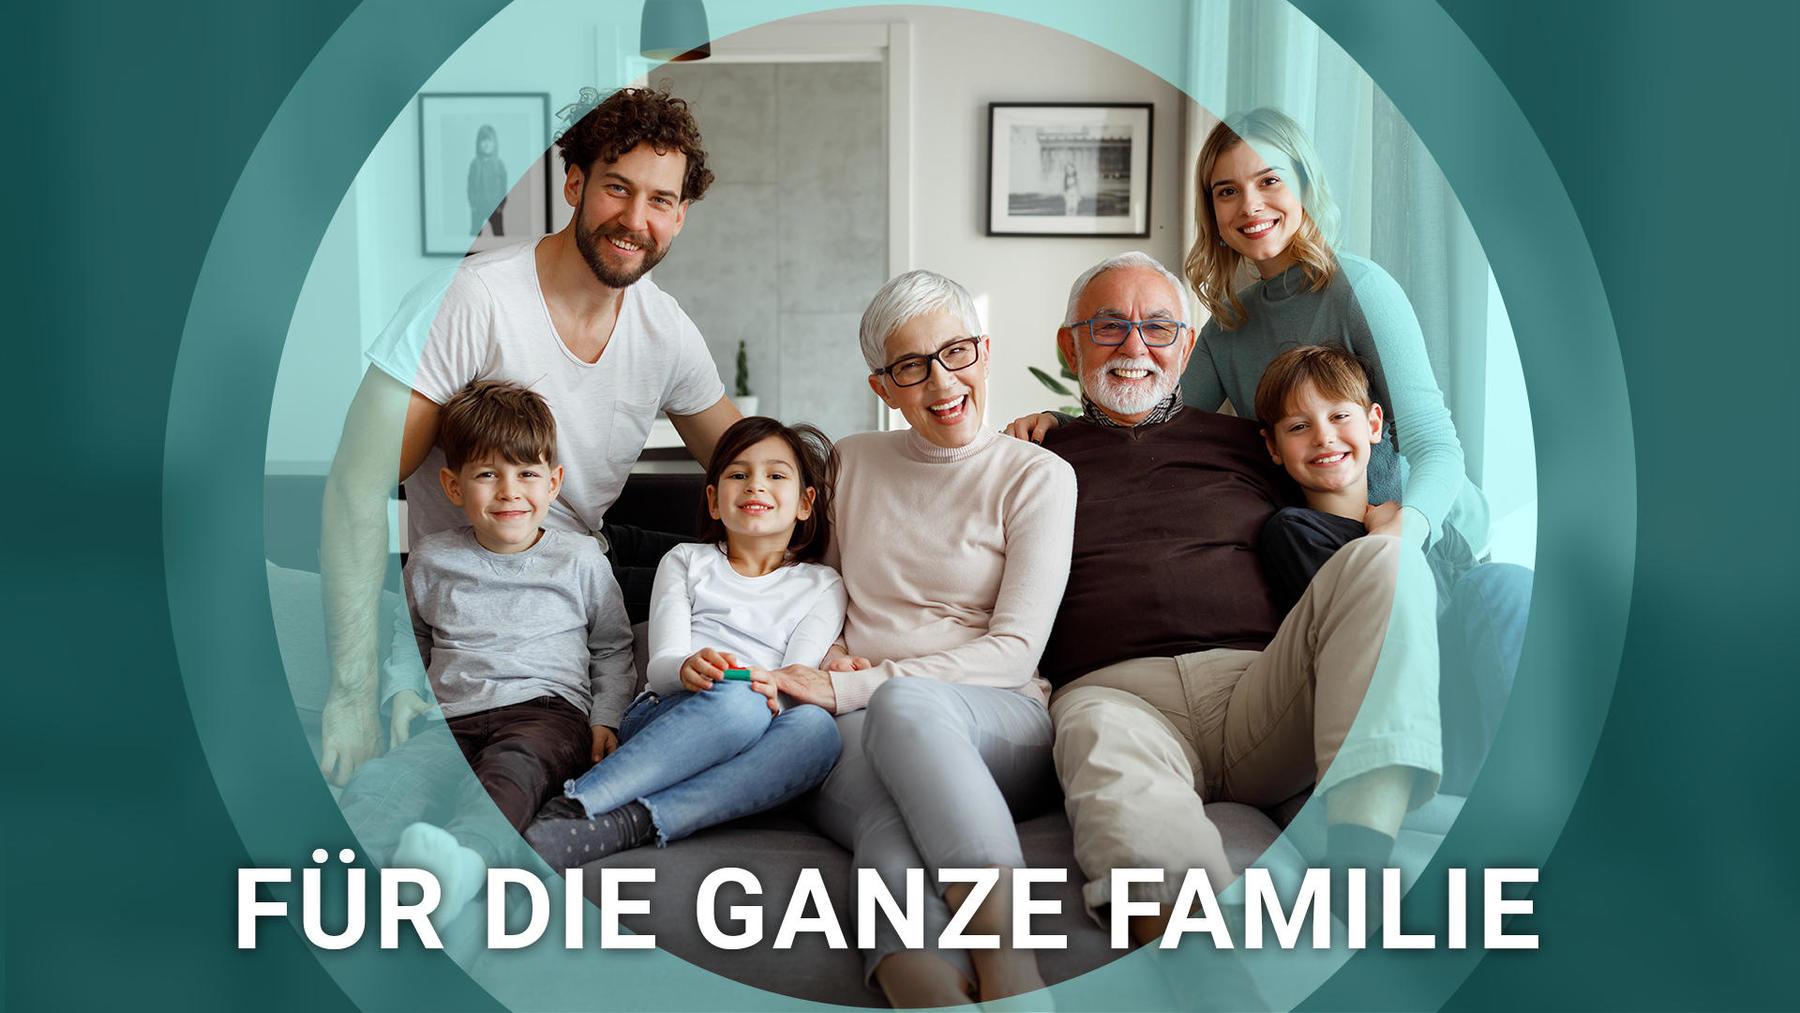 Für die ganze Familie